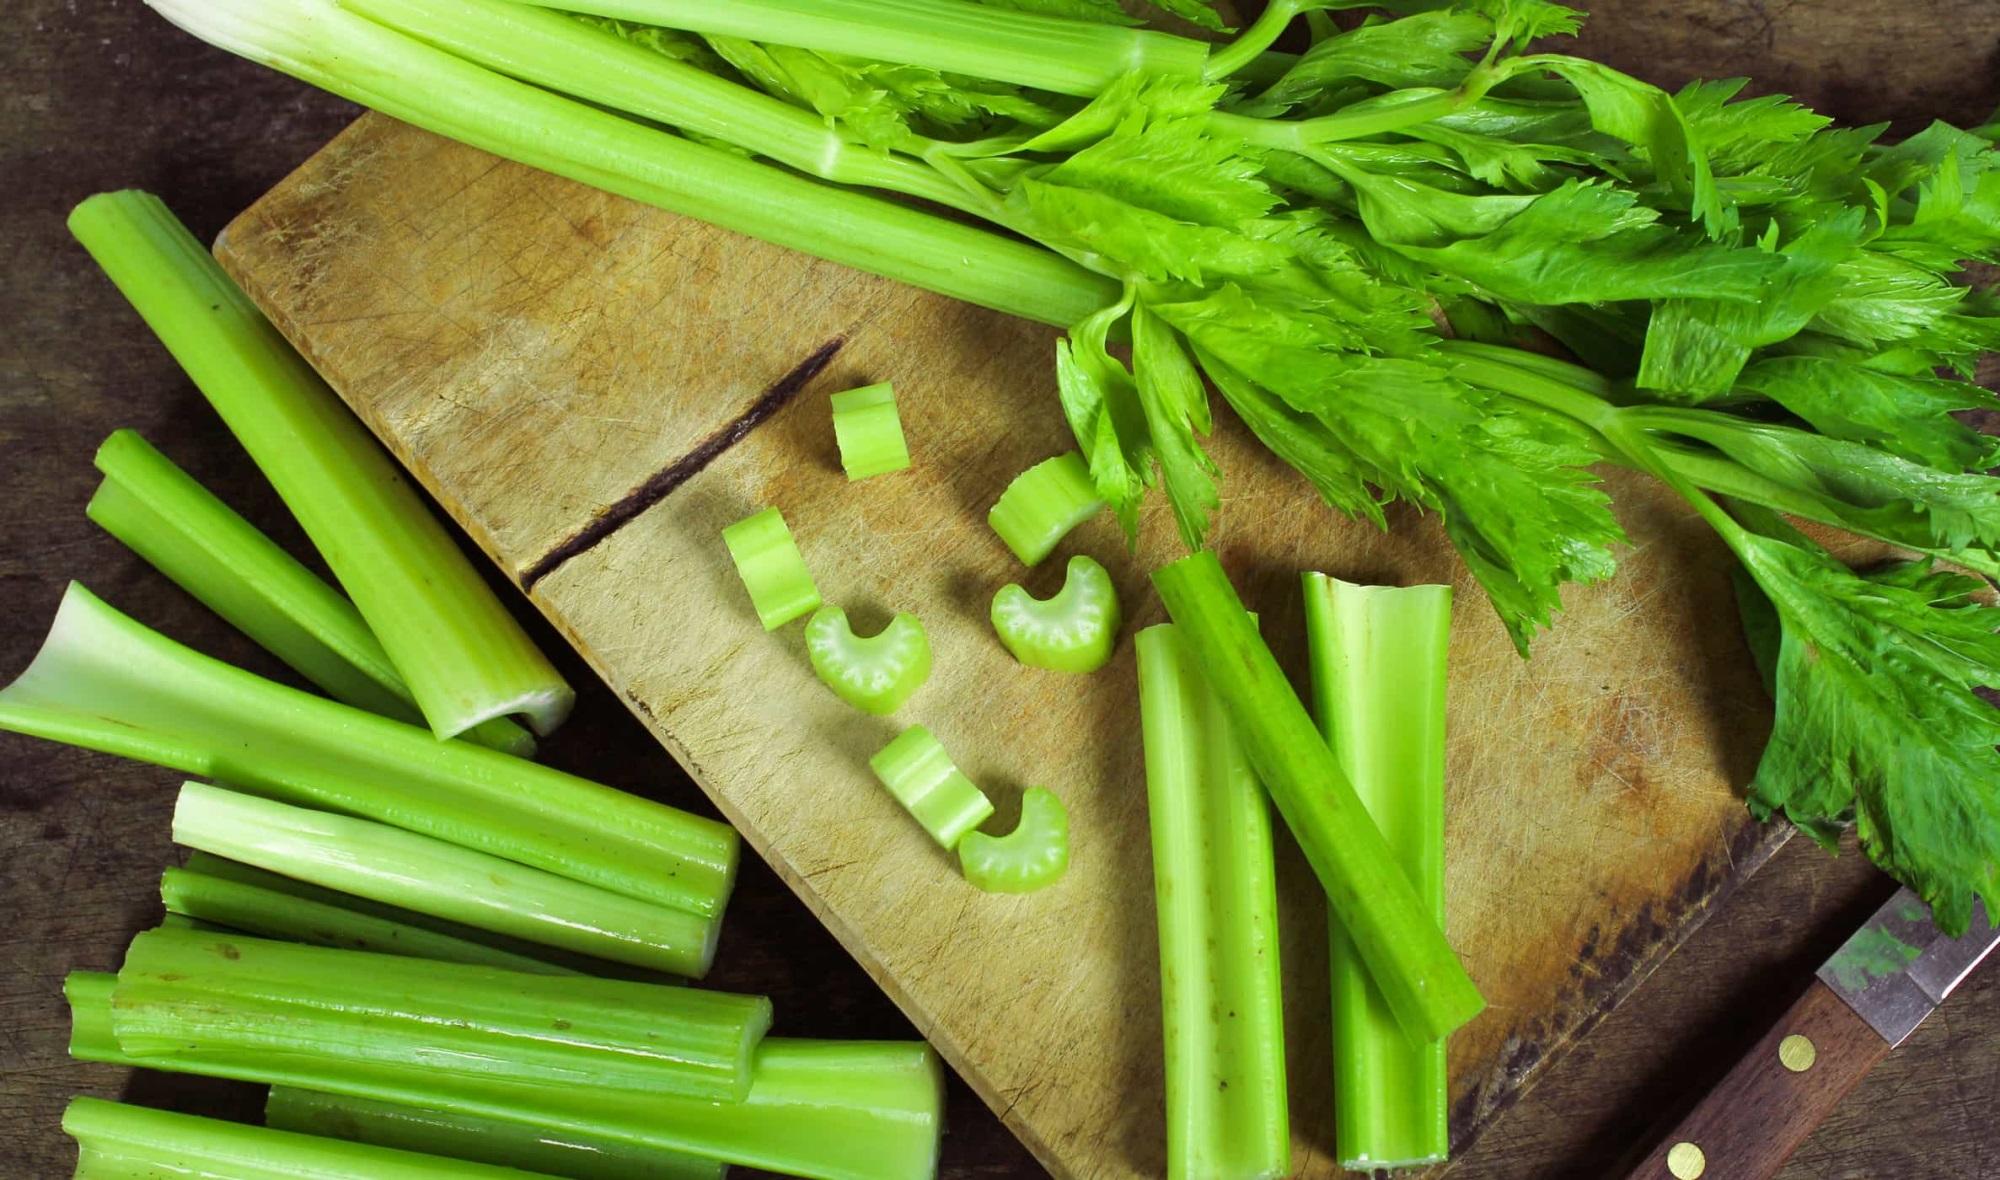 Cần tây chứa nhiều vitamin K cùng nhiều khoáng chất có tác dụng điều hòa máu và giảm huyết áp